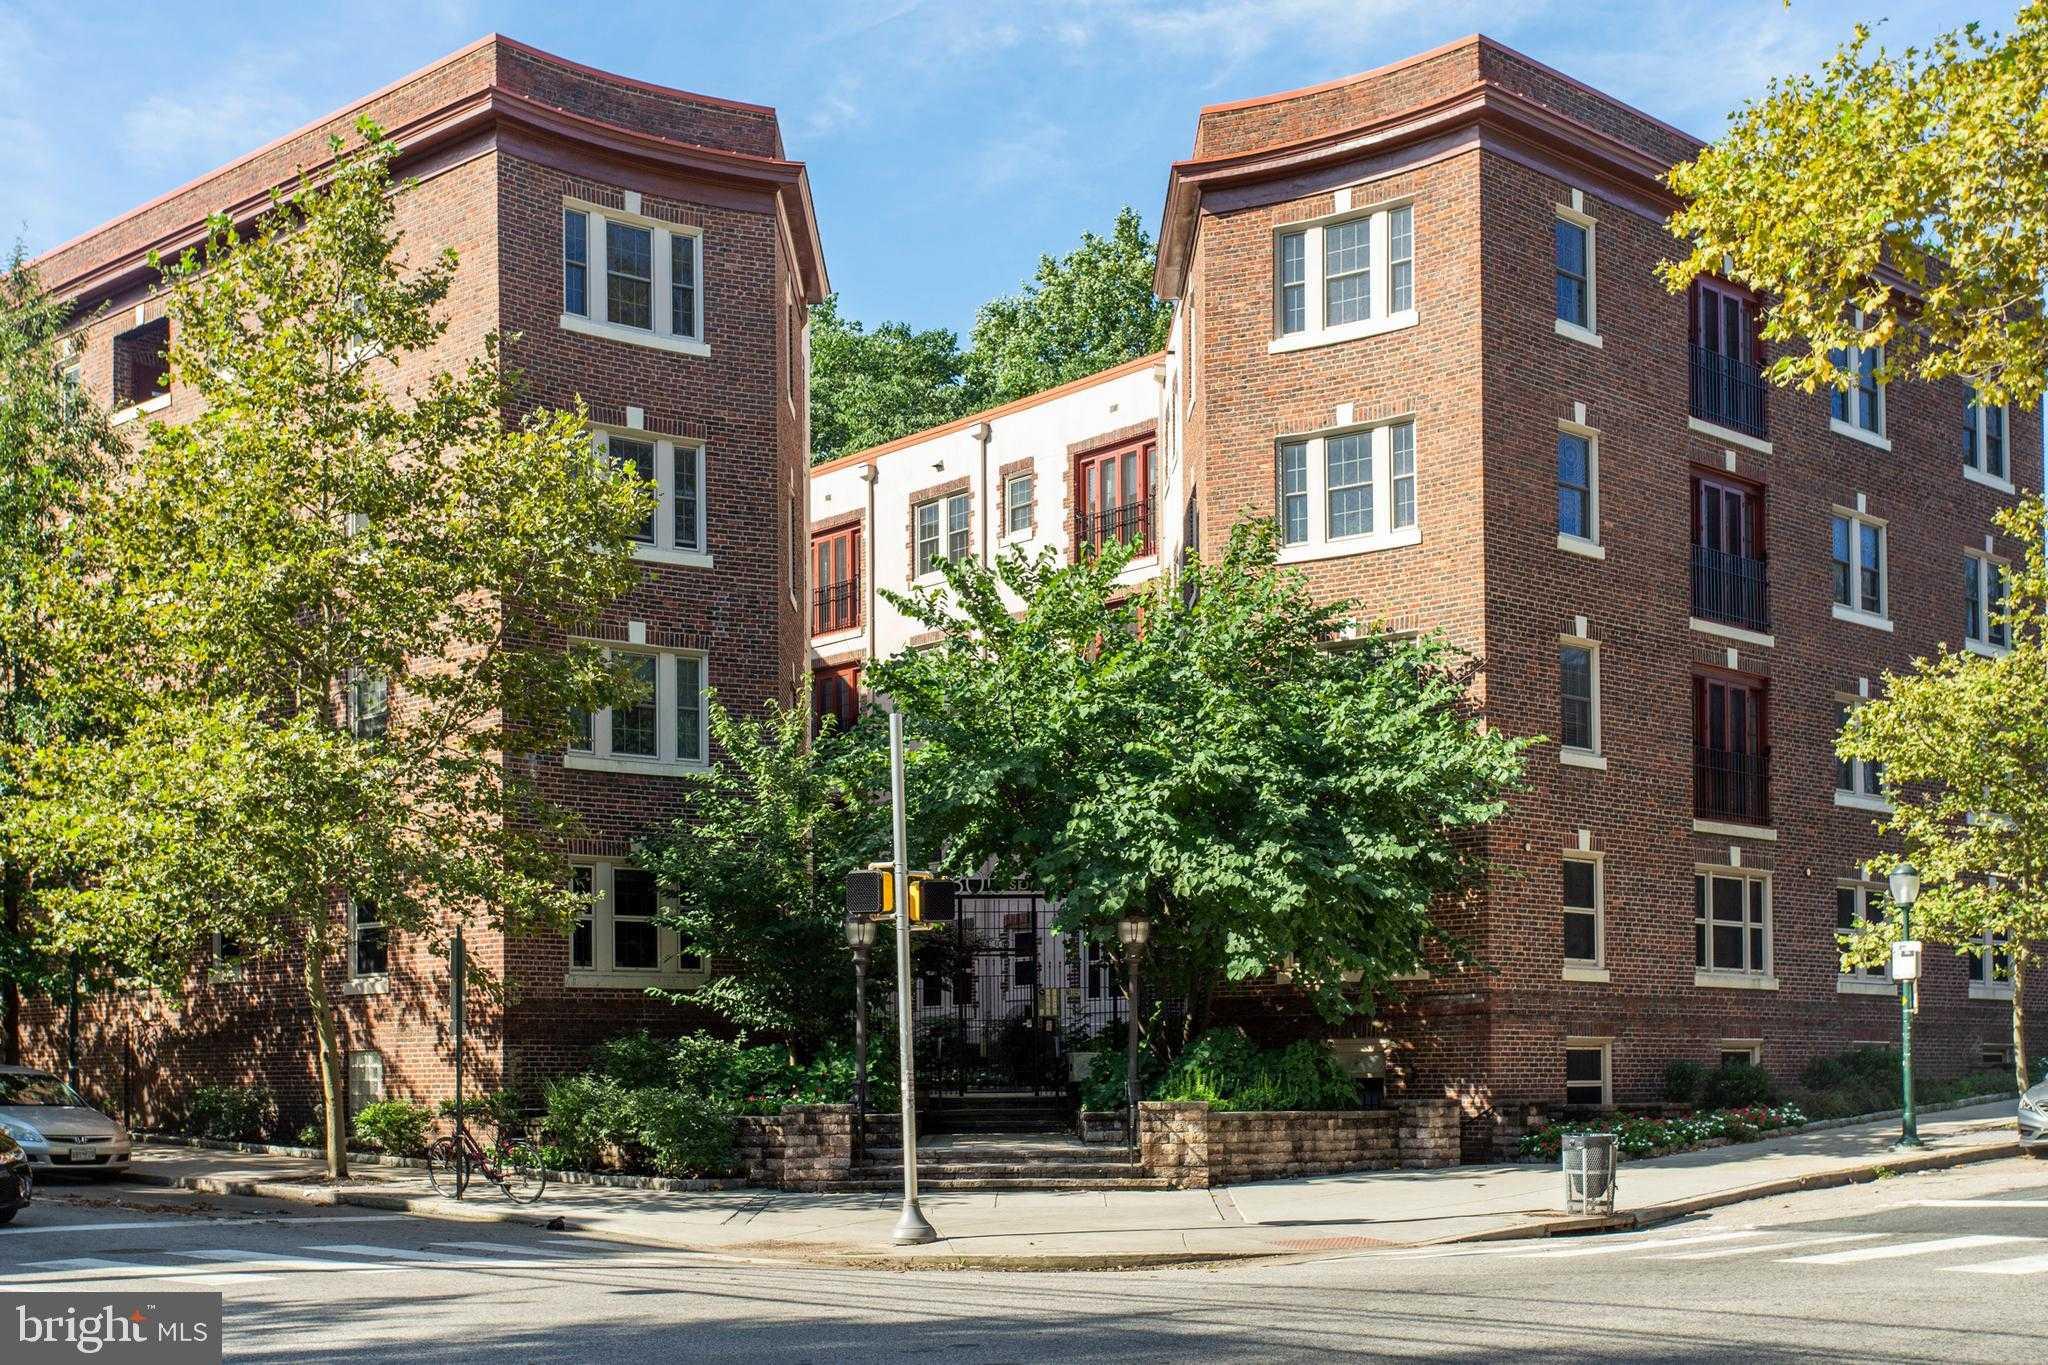 $379,900 - 2Br/2Ba -  for Sale in University City, Philadelphia